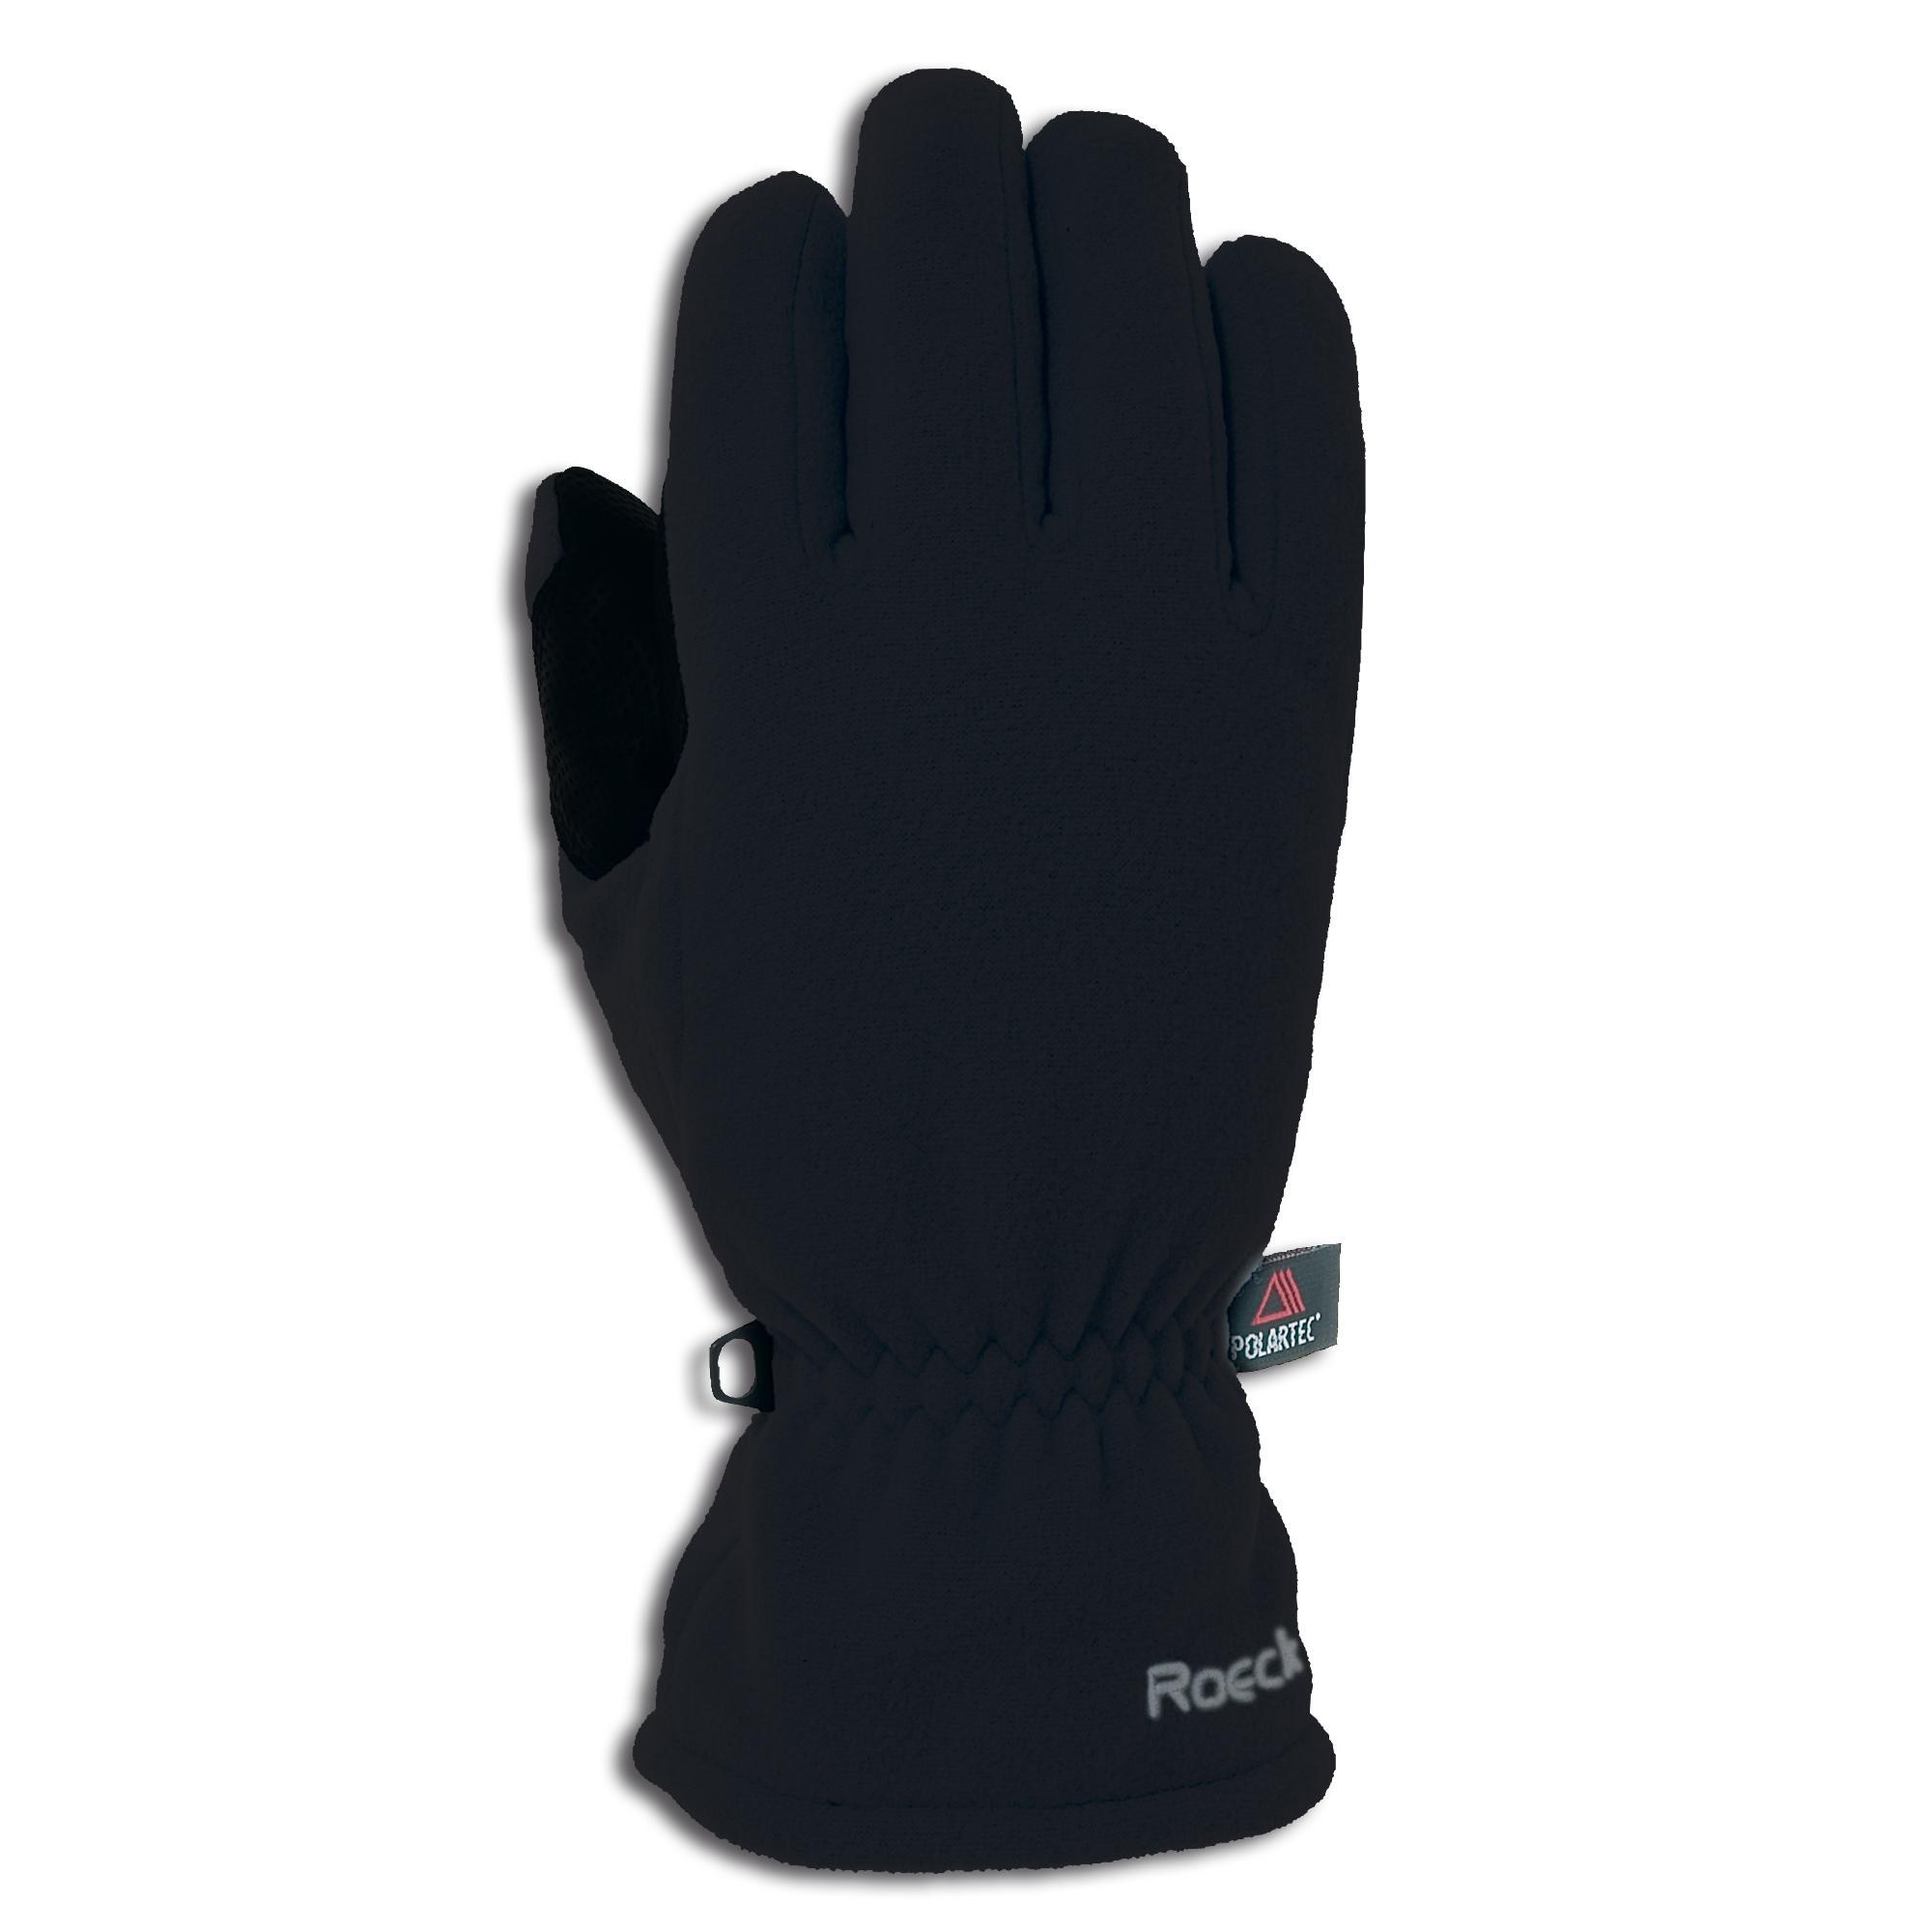 Handschuhe Roeckl Kabru schwarz